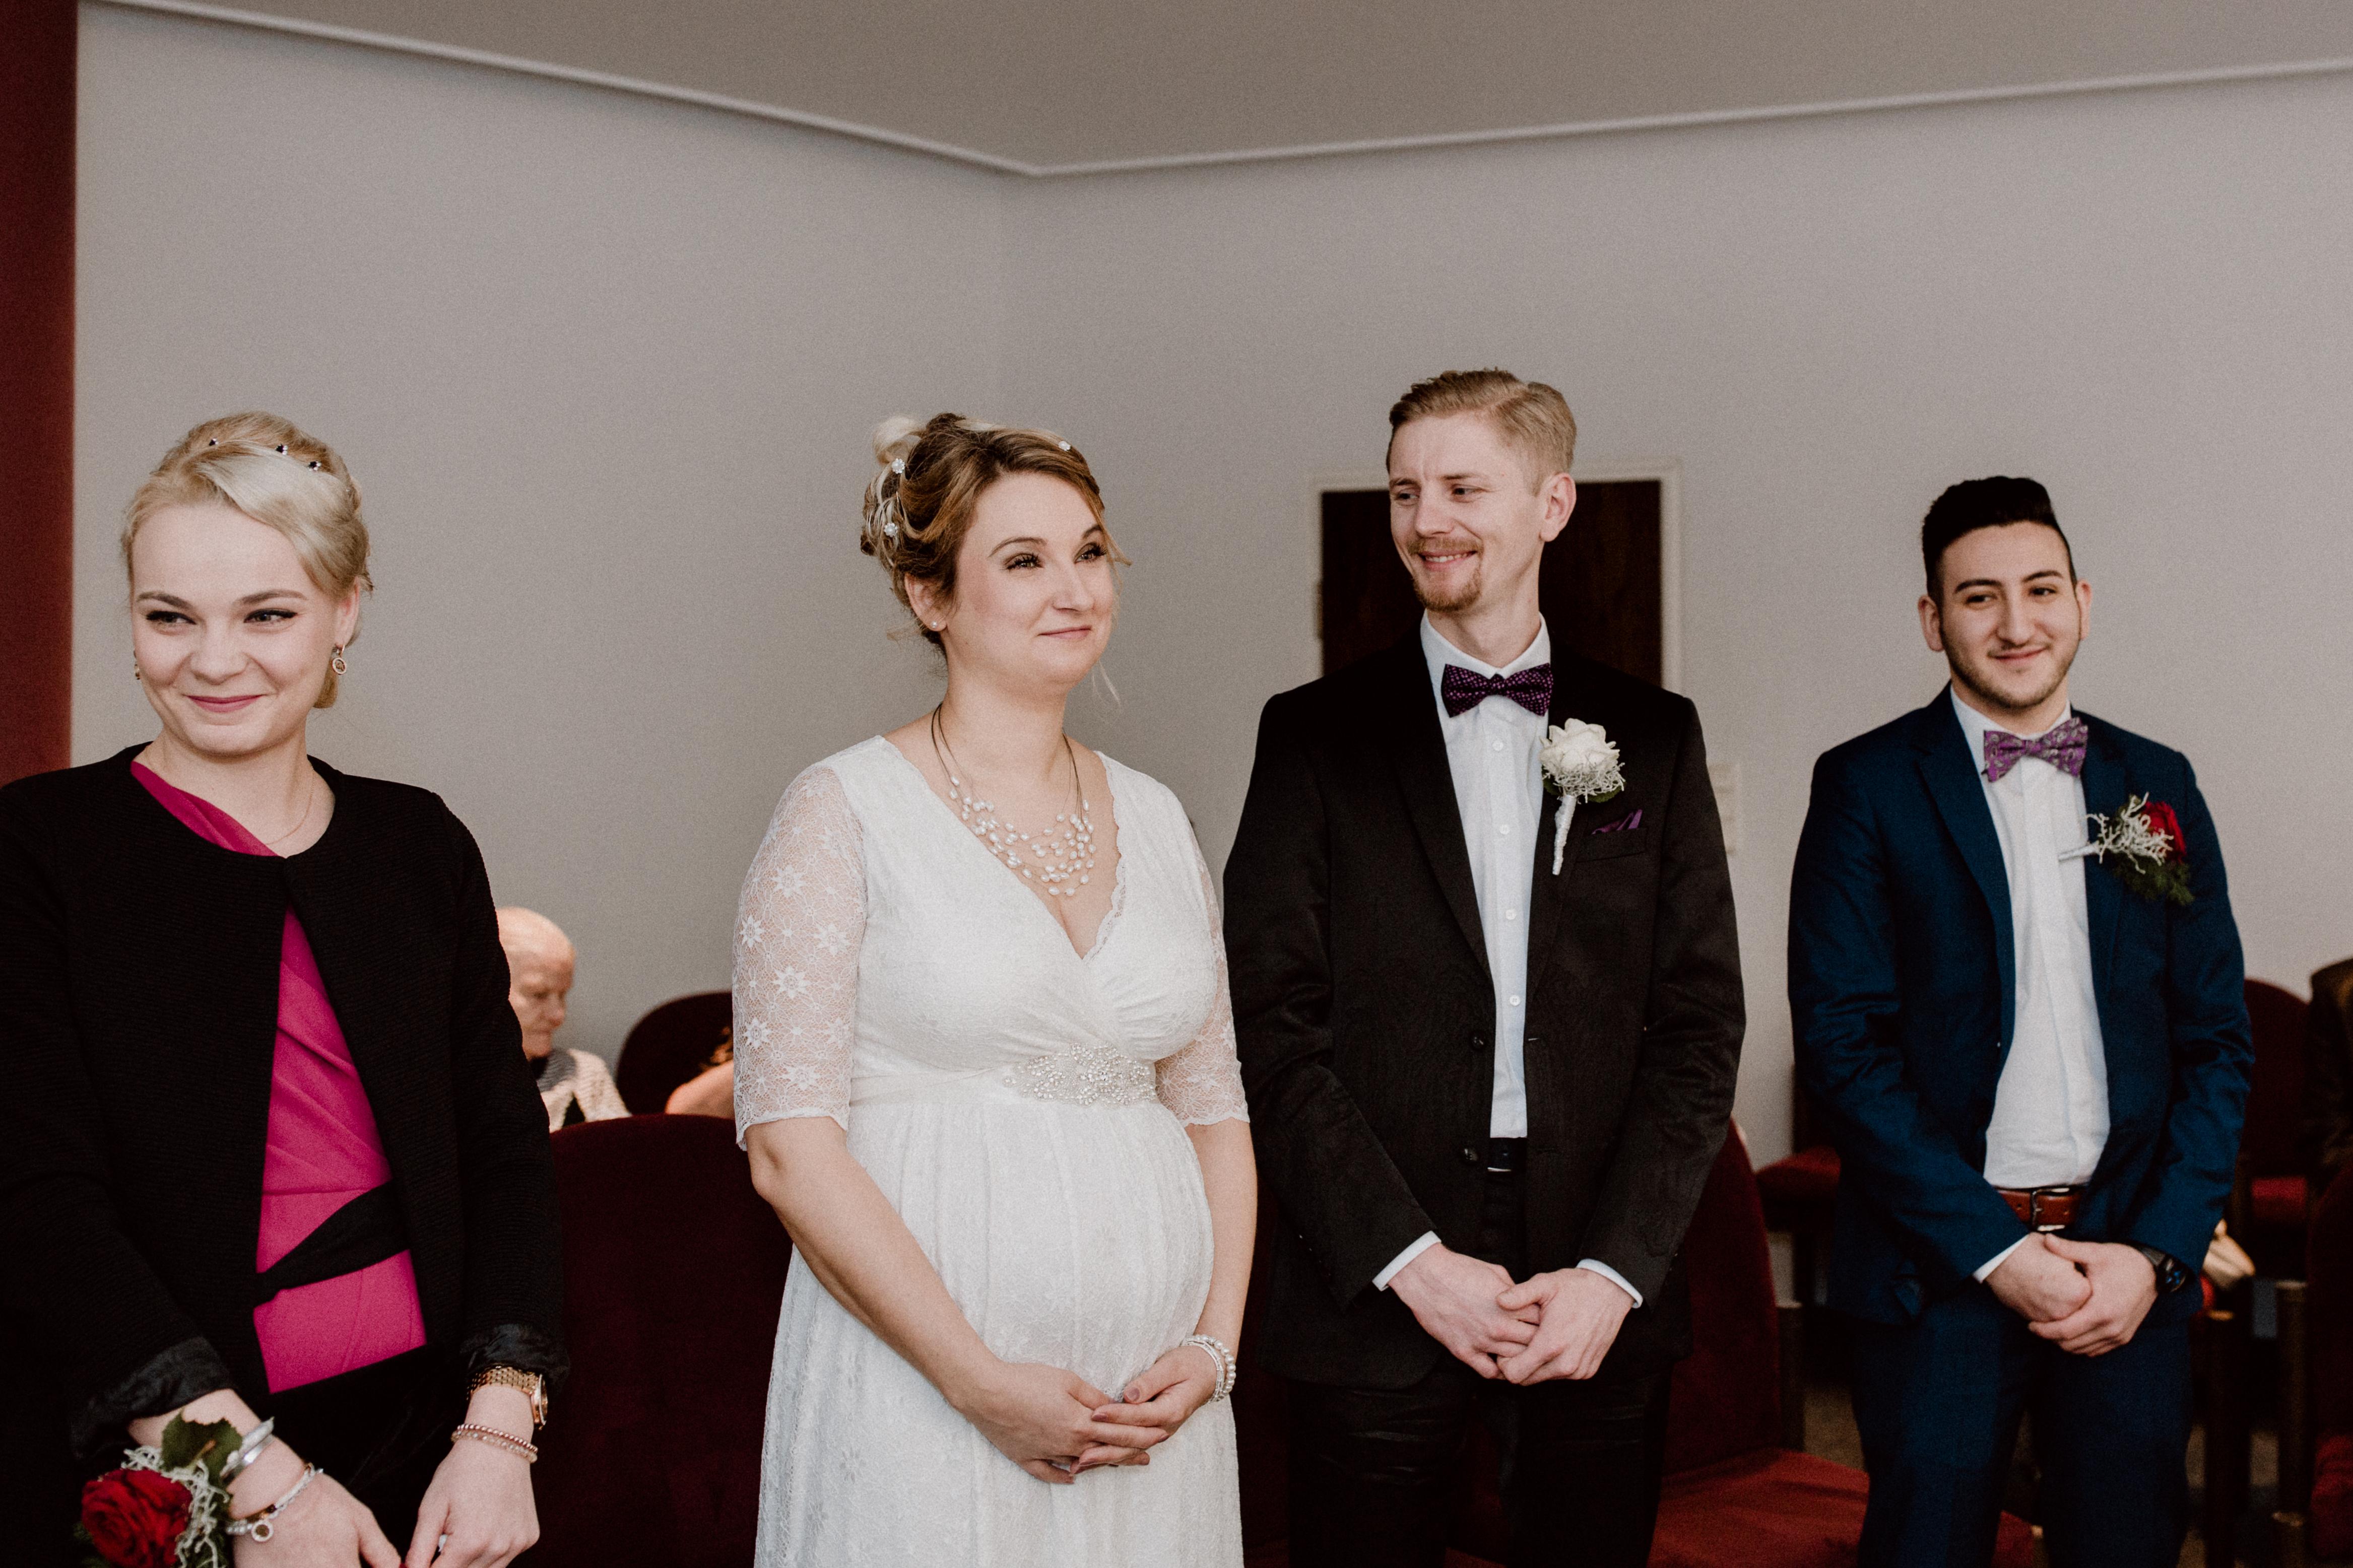 URBANERIE_Daniela_Goth_Hochzeitsfotografin_Nürnberg_Fürth_Erlangen_Schwabach_171110_0114